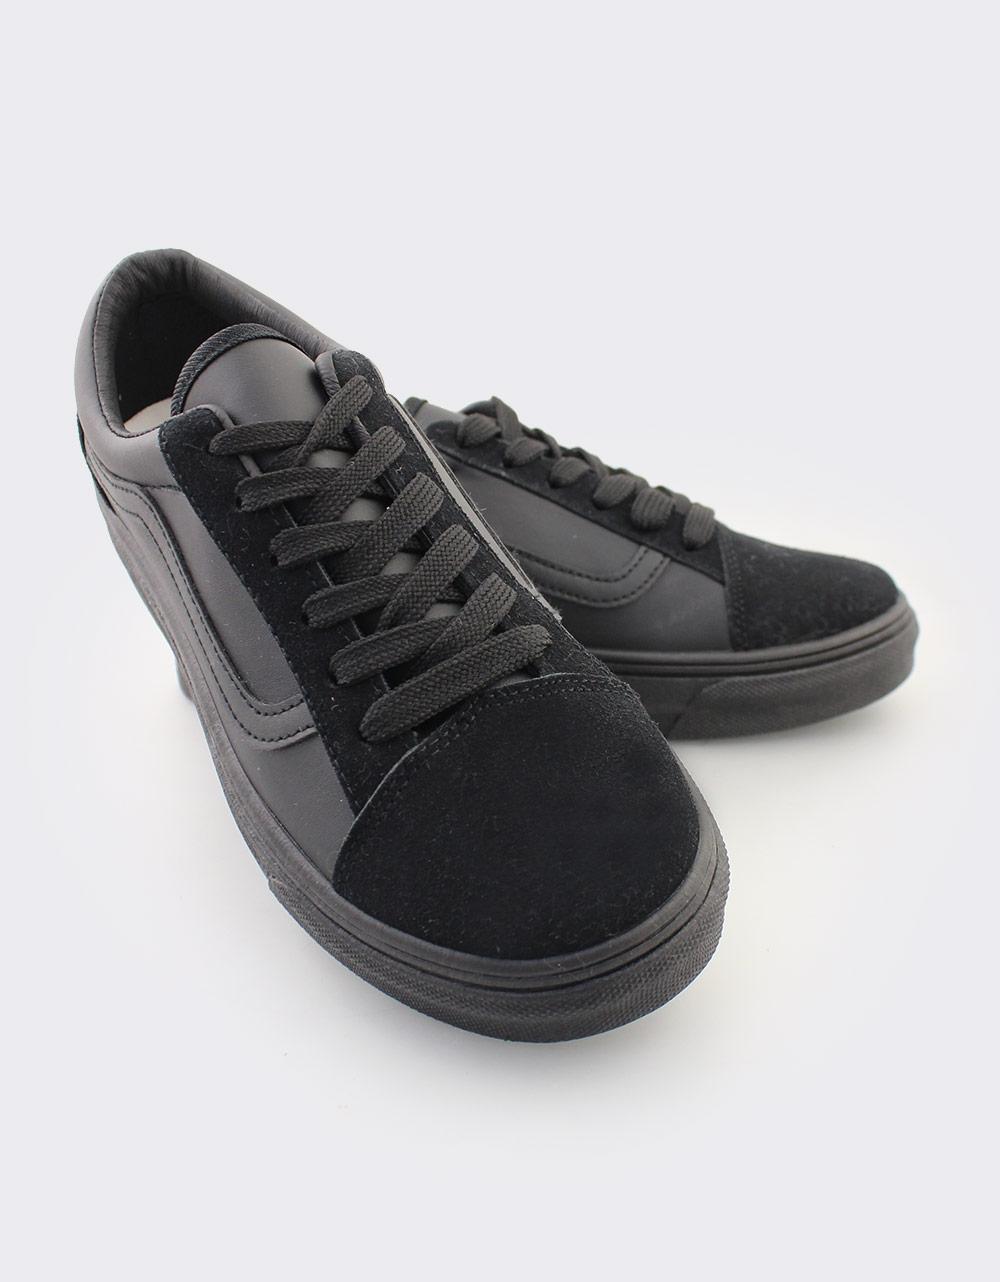 Εικόνα από Γυναικεία sneakers με λεπτομέρειες Μαύρο